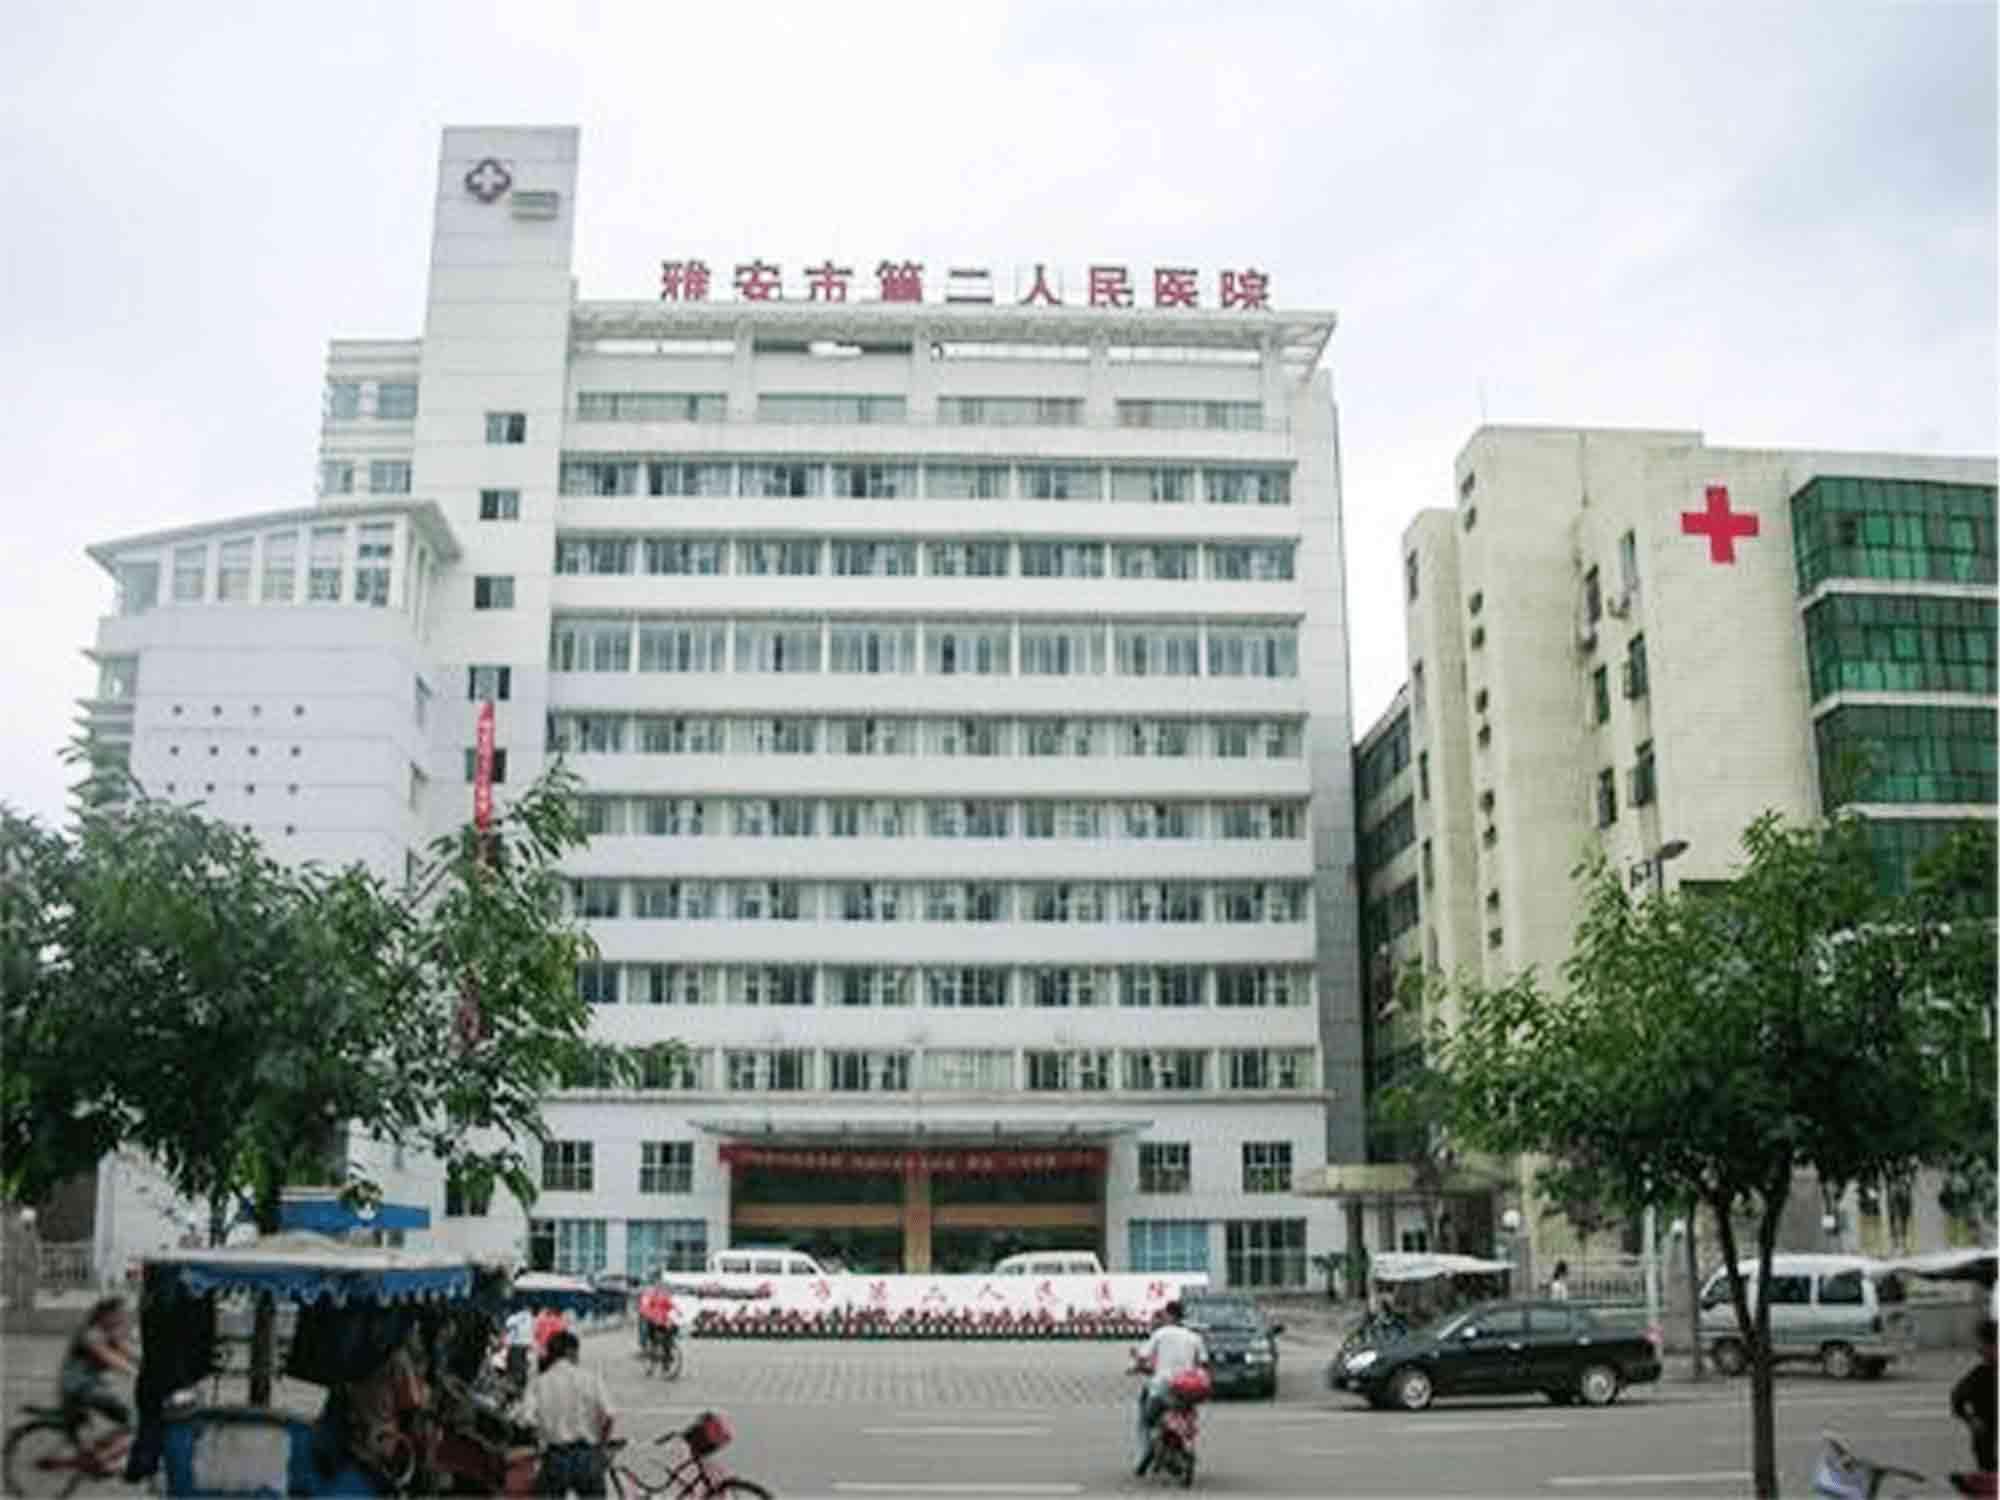 雅安市雨城区人民医院-雅安市第二人民医院体检中心